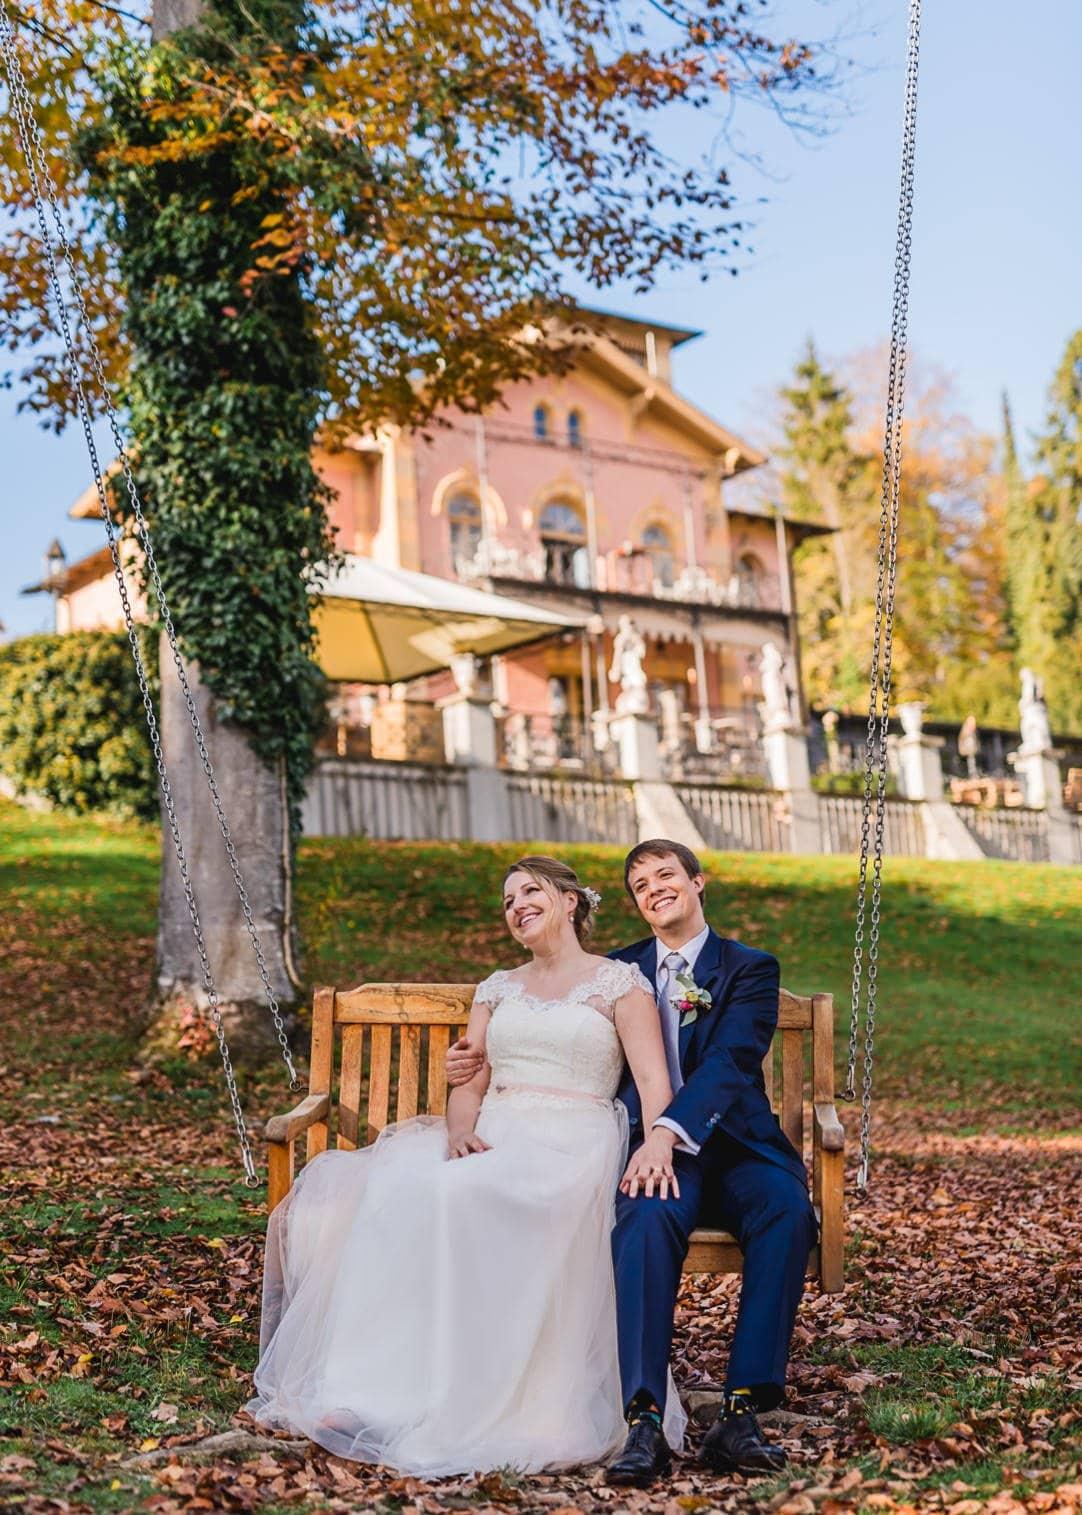 Hochzeitsportraits am Starnberger See im LaVilla auf der Schaukel, Weddingshoot mit Sonne im Herbst, Jung und Wild design, Starnberger See